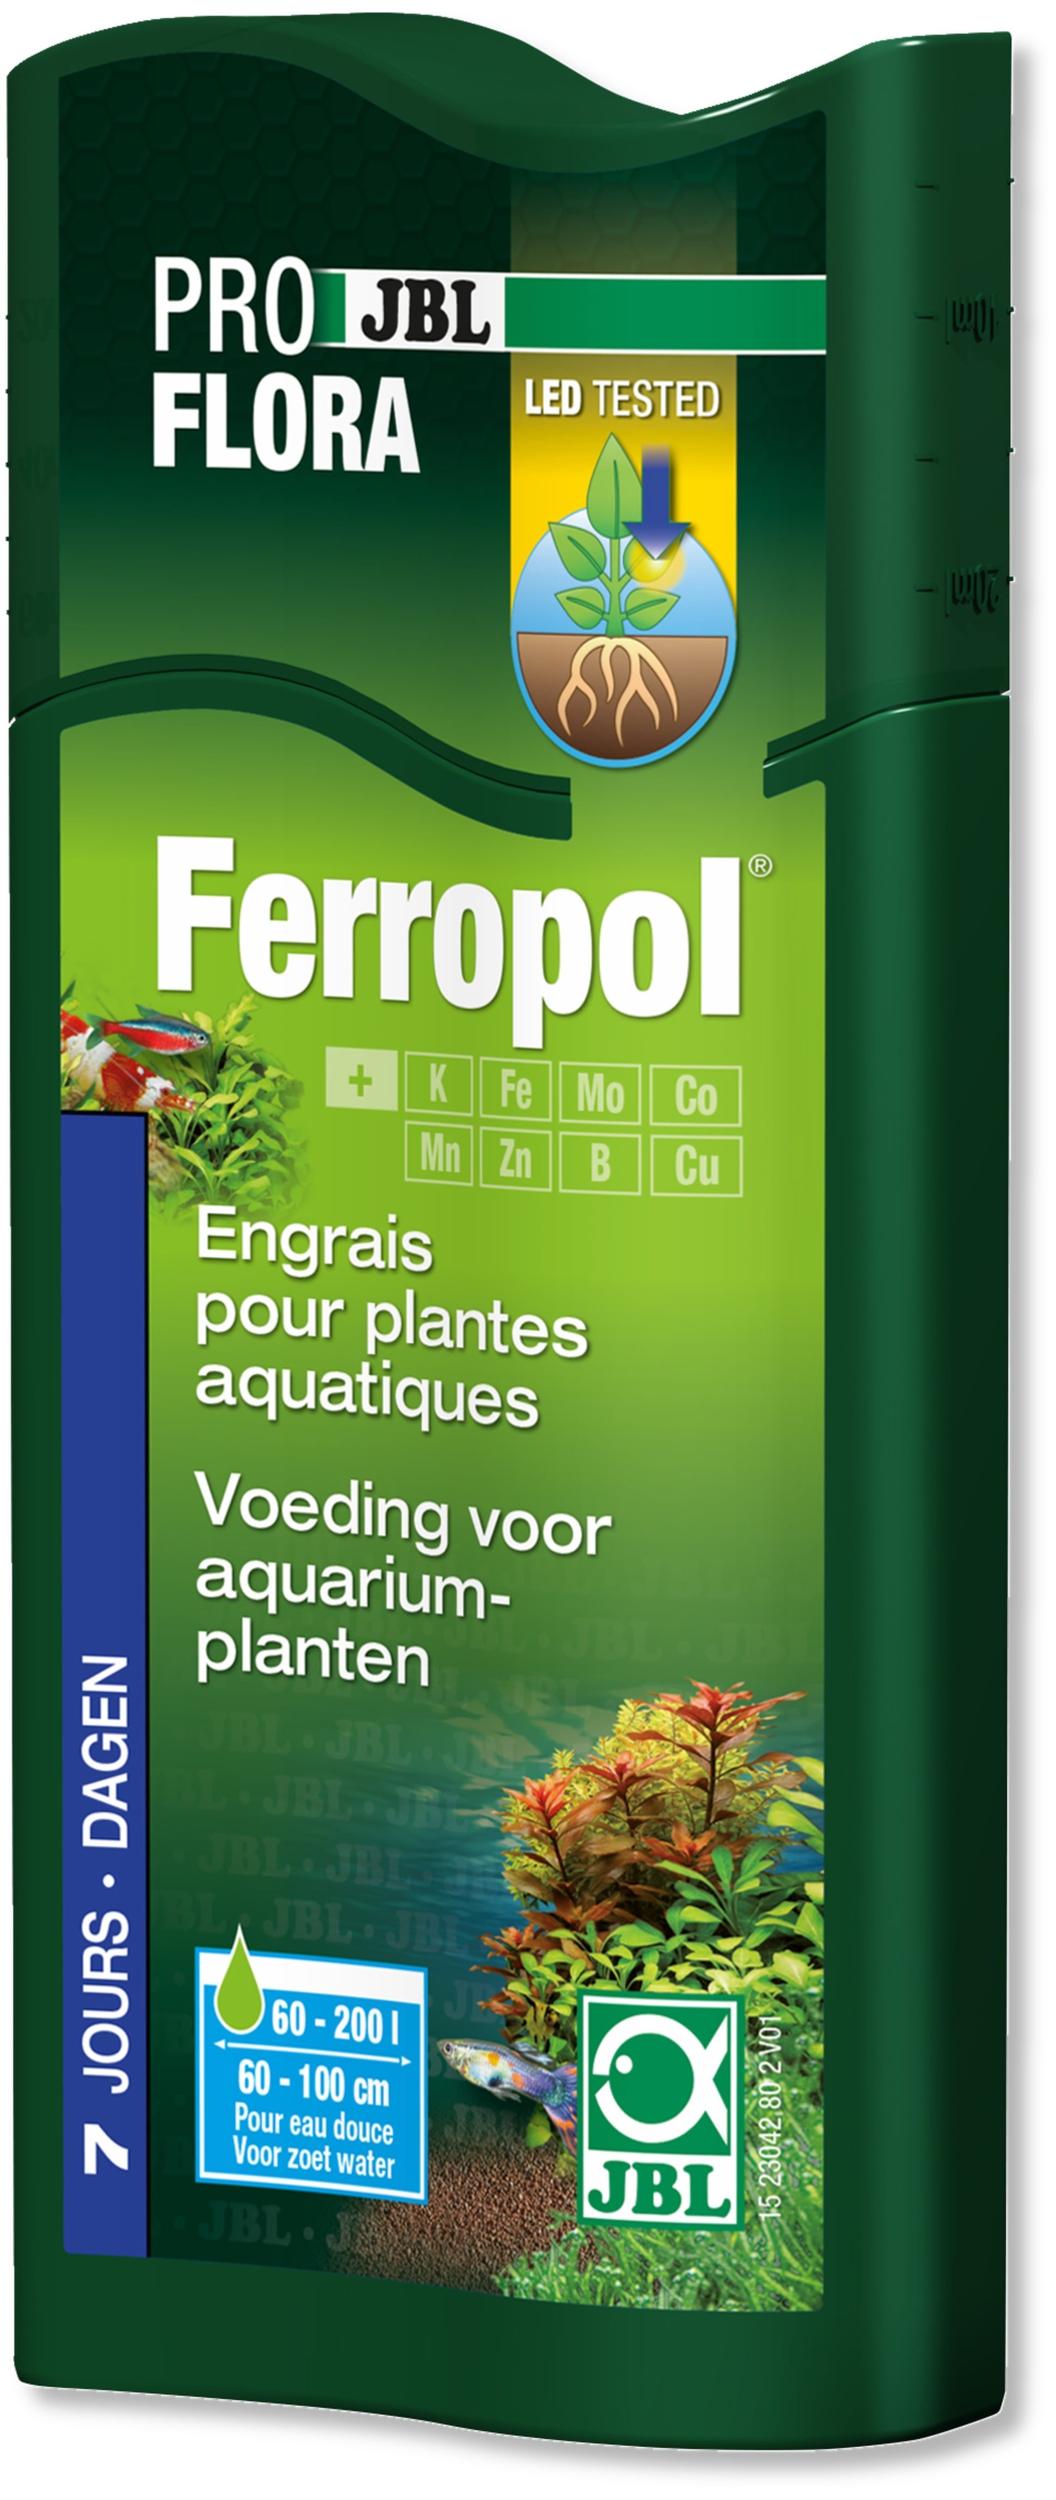 jbl-ferropol-250-ml-engrais-liquide-complet-contenant-des-oligo-elements-min